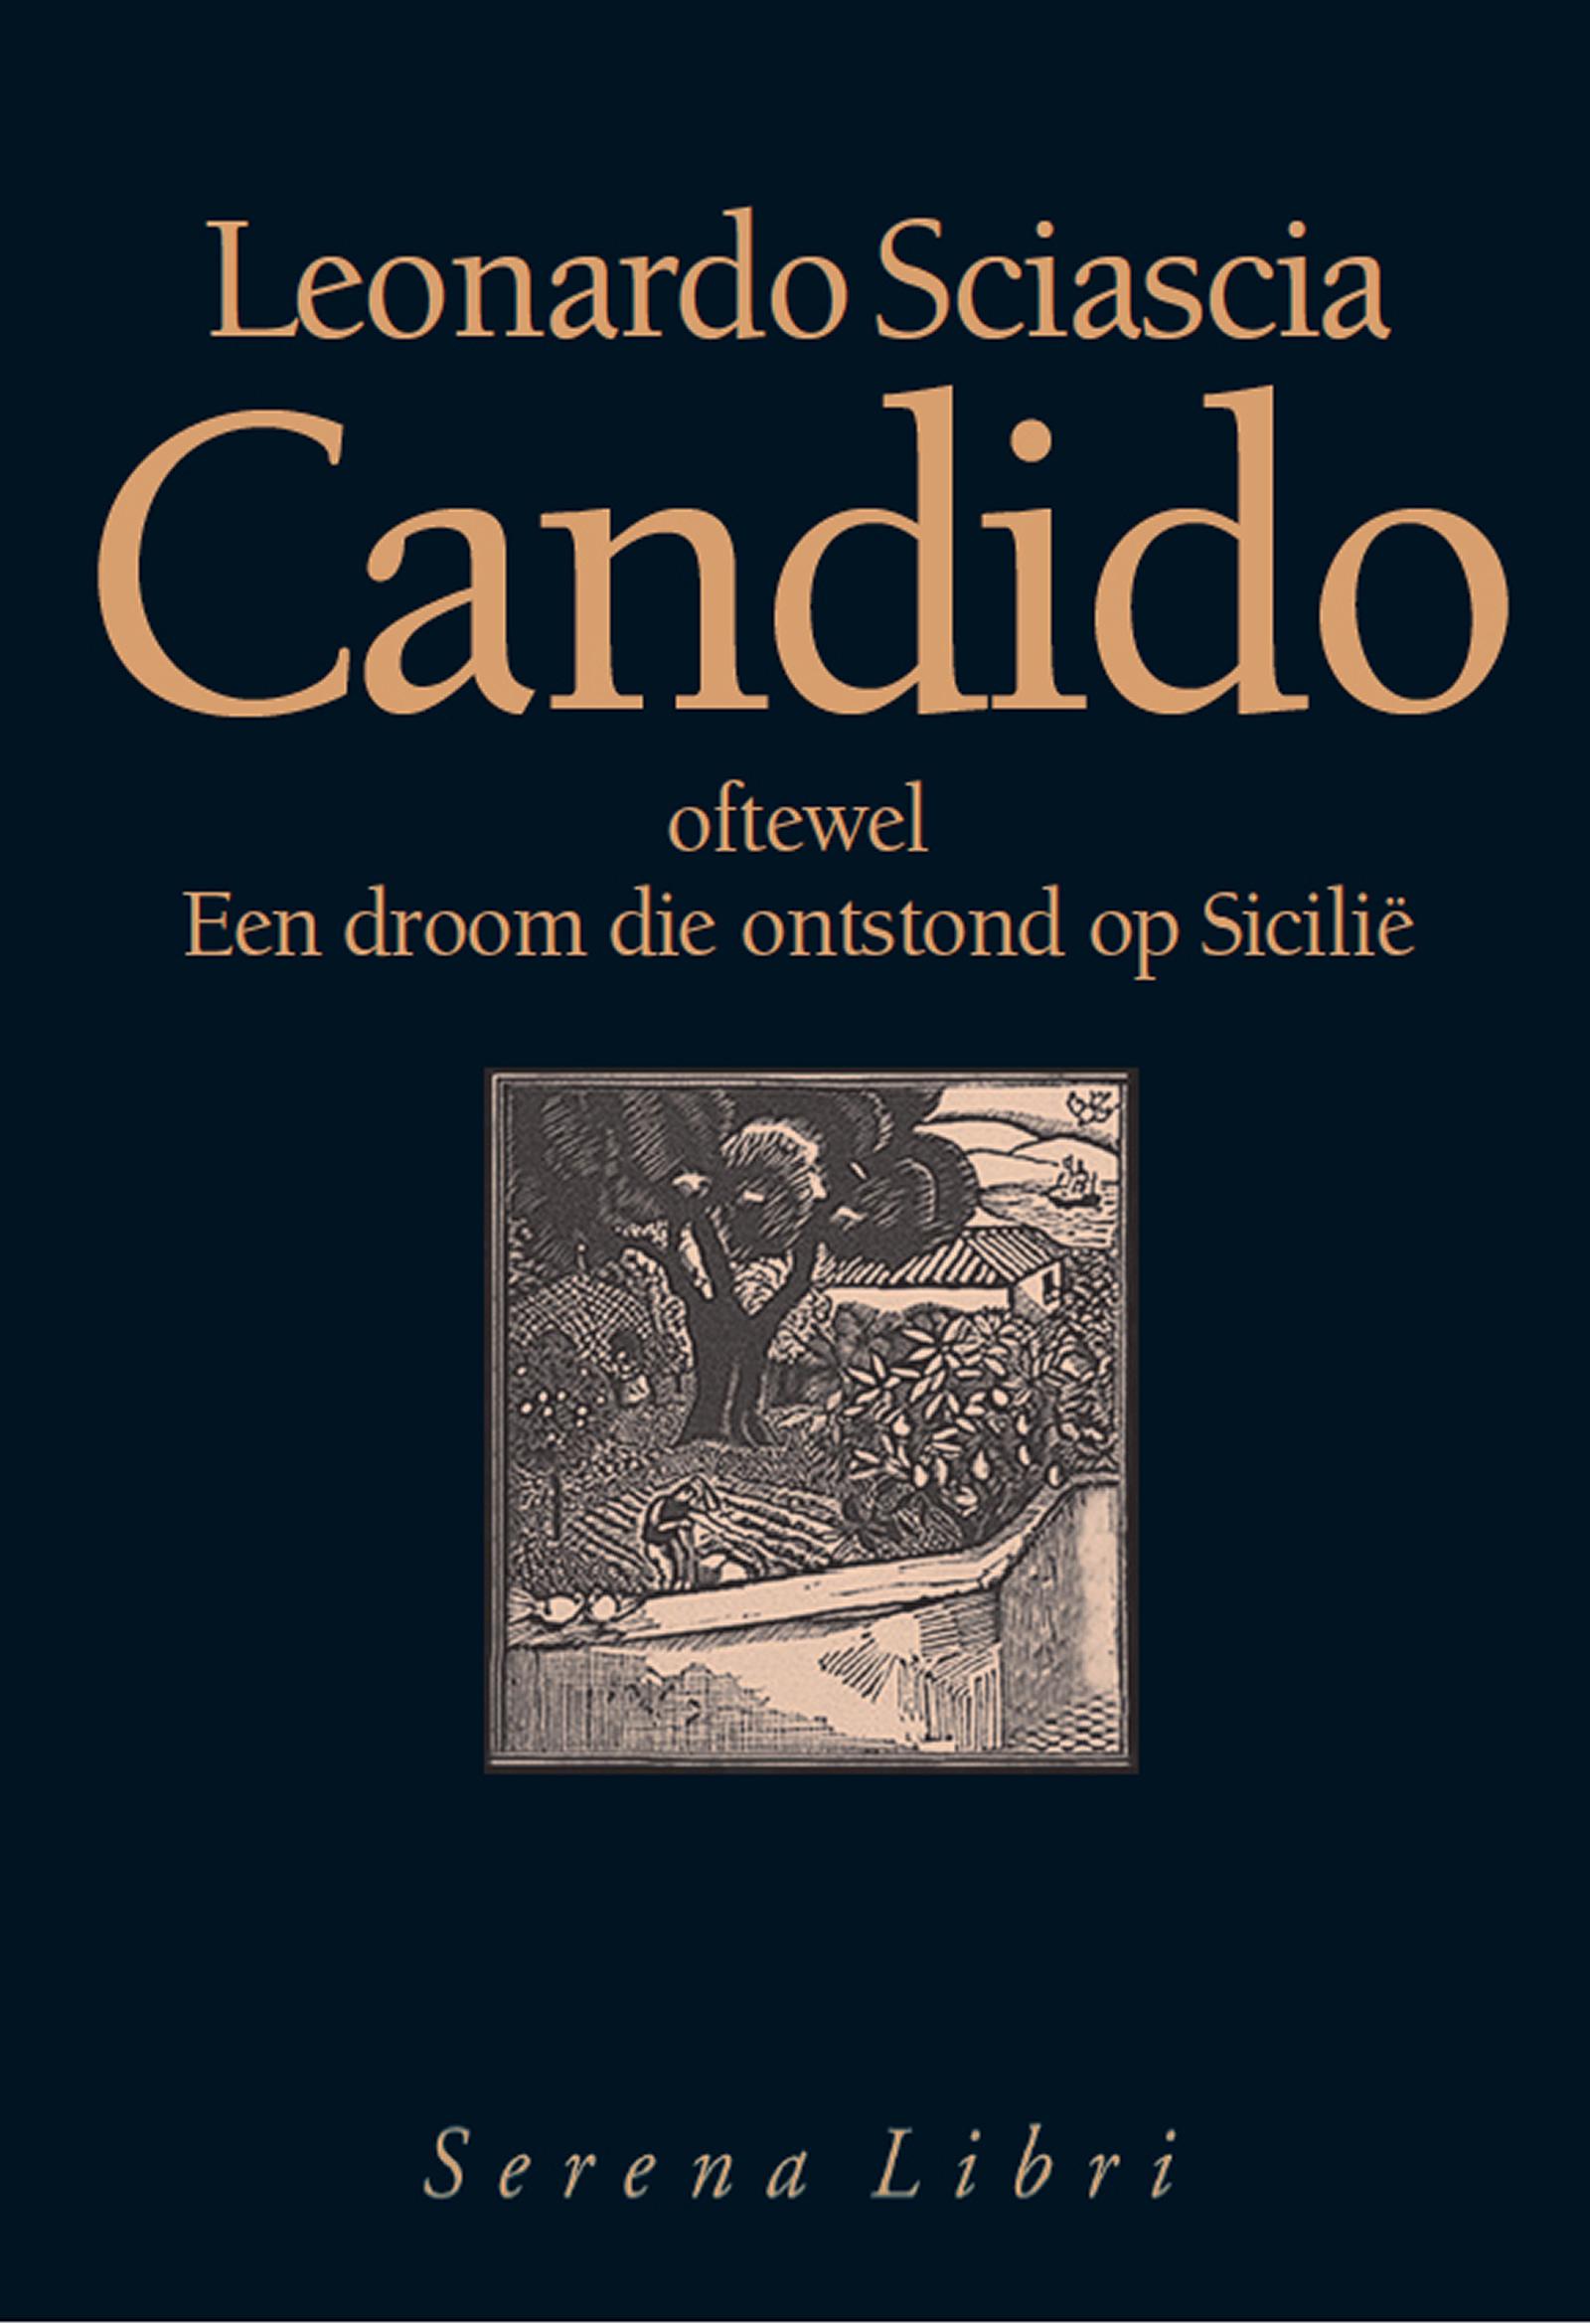 Candido – Leonardo Sciascia